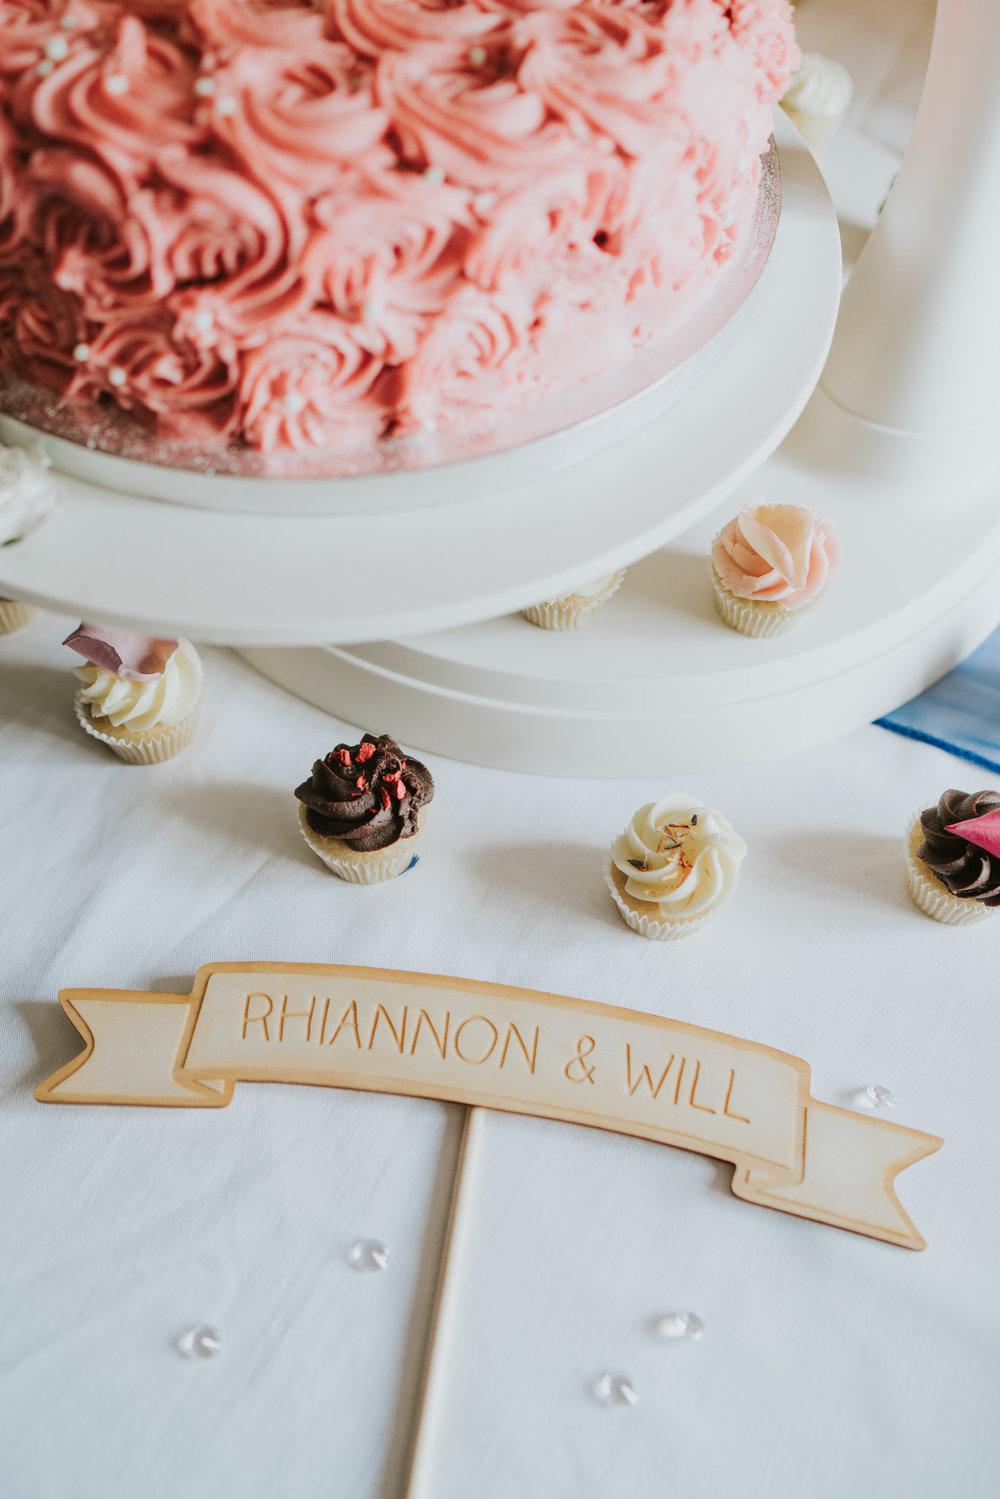 Will-Rhiannon-Art-Deco-Alterative-Essex-Wedding-Suffolk-Grace-Elizabeth-80.jpg